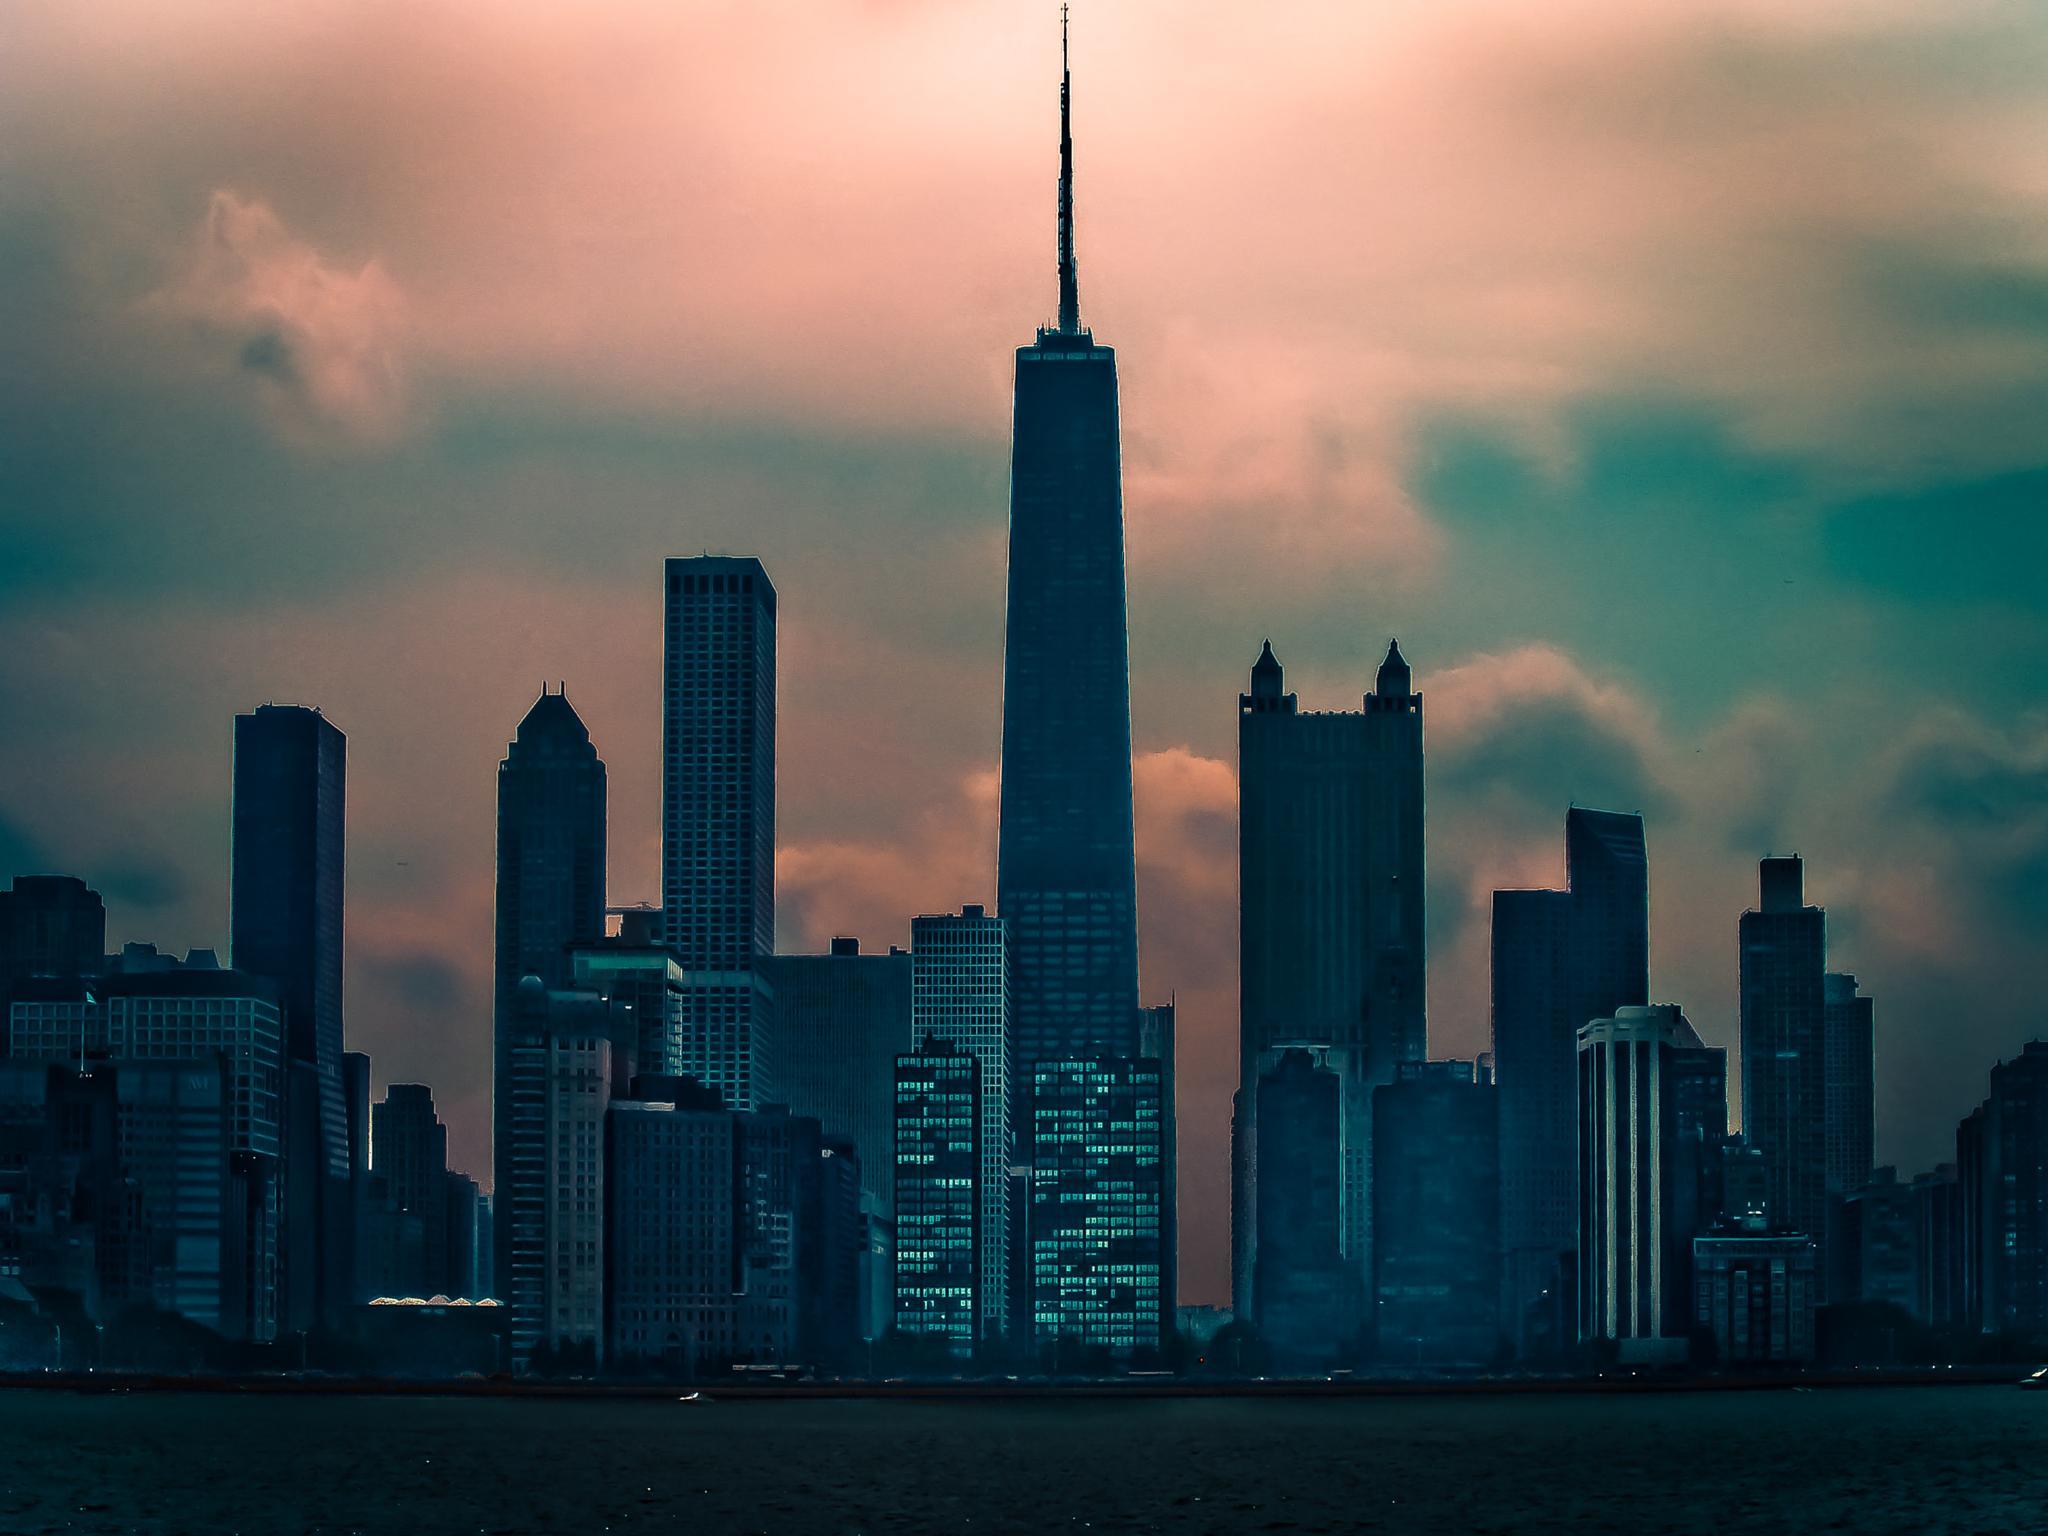 Metropolis by Damian Christopher